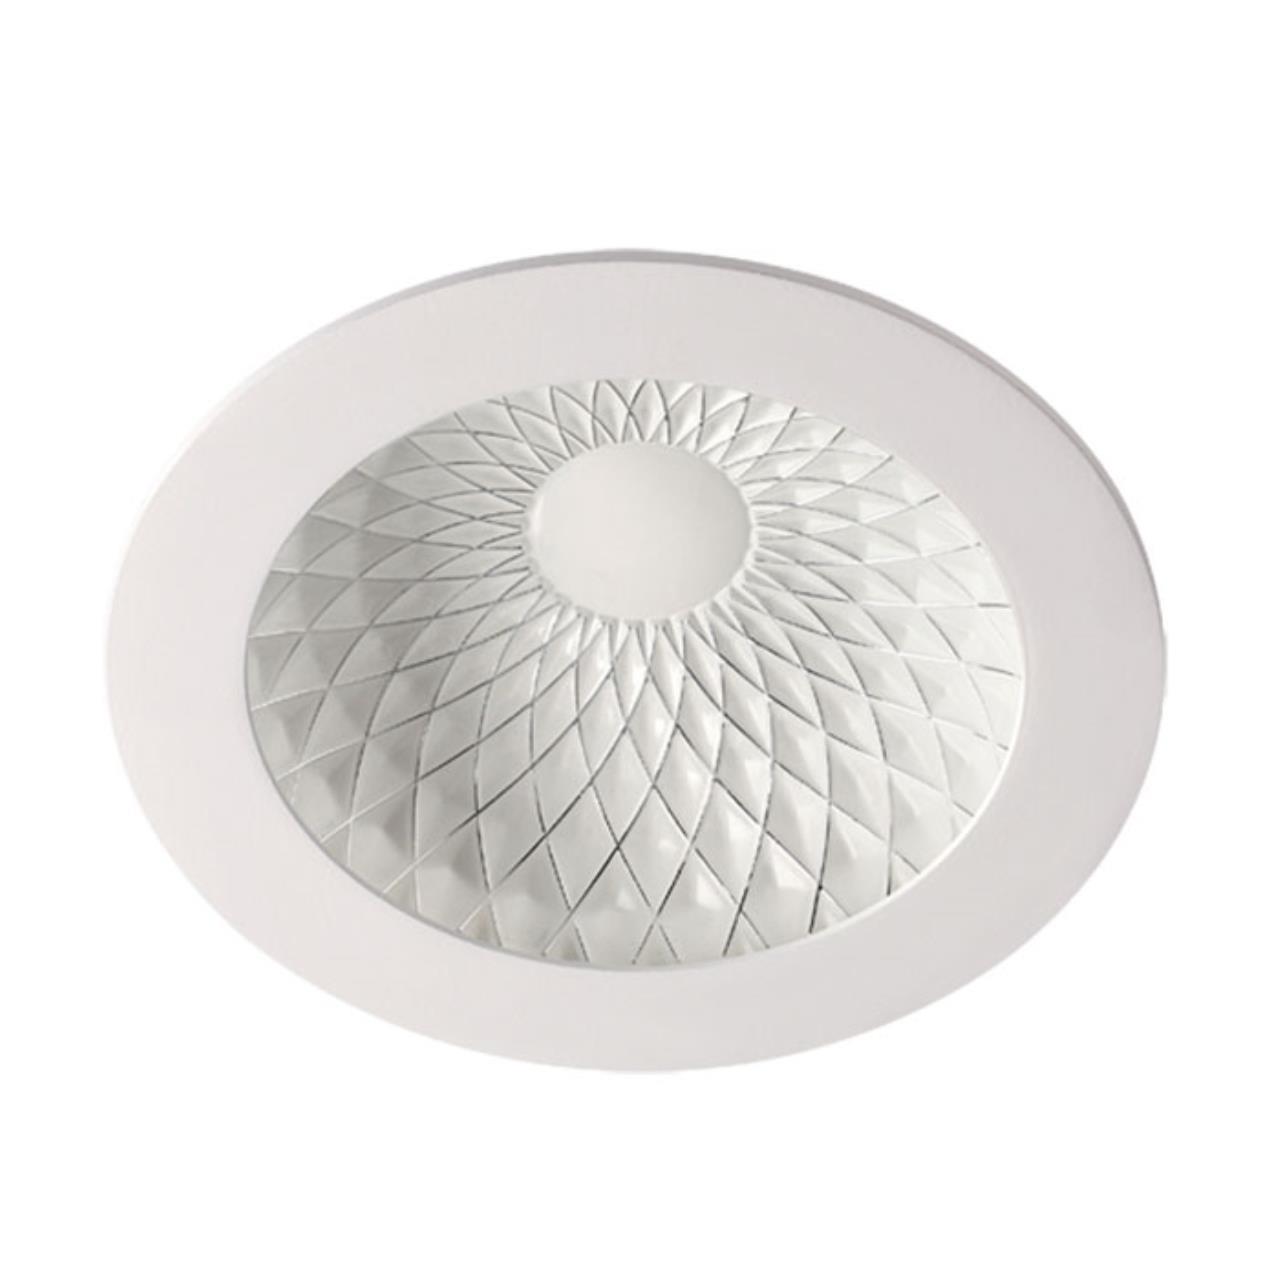 357501 SPOT NT18 141 белый/хром Встраиваемый светильник IP20 LED 3000K 15W 85-265V GESSO